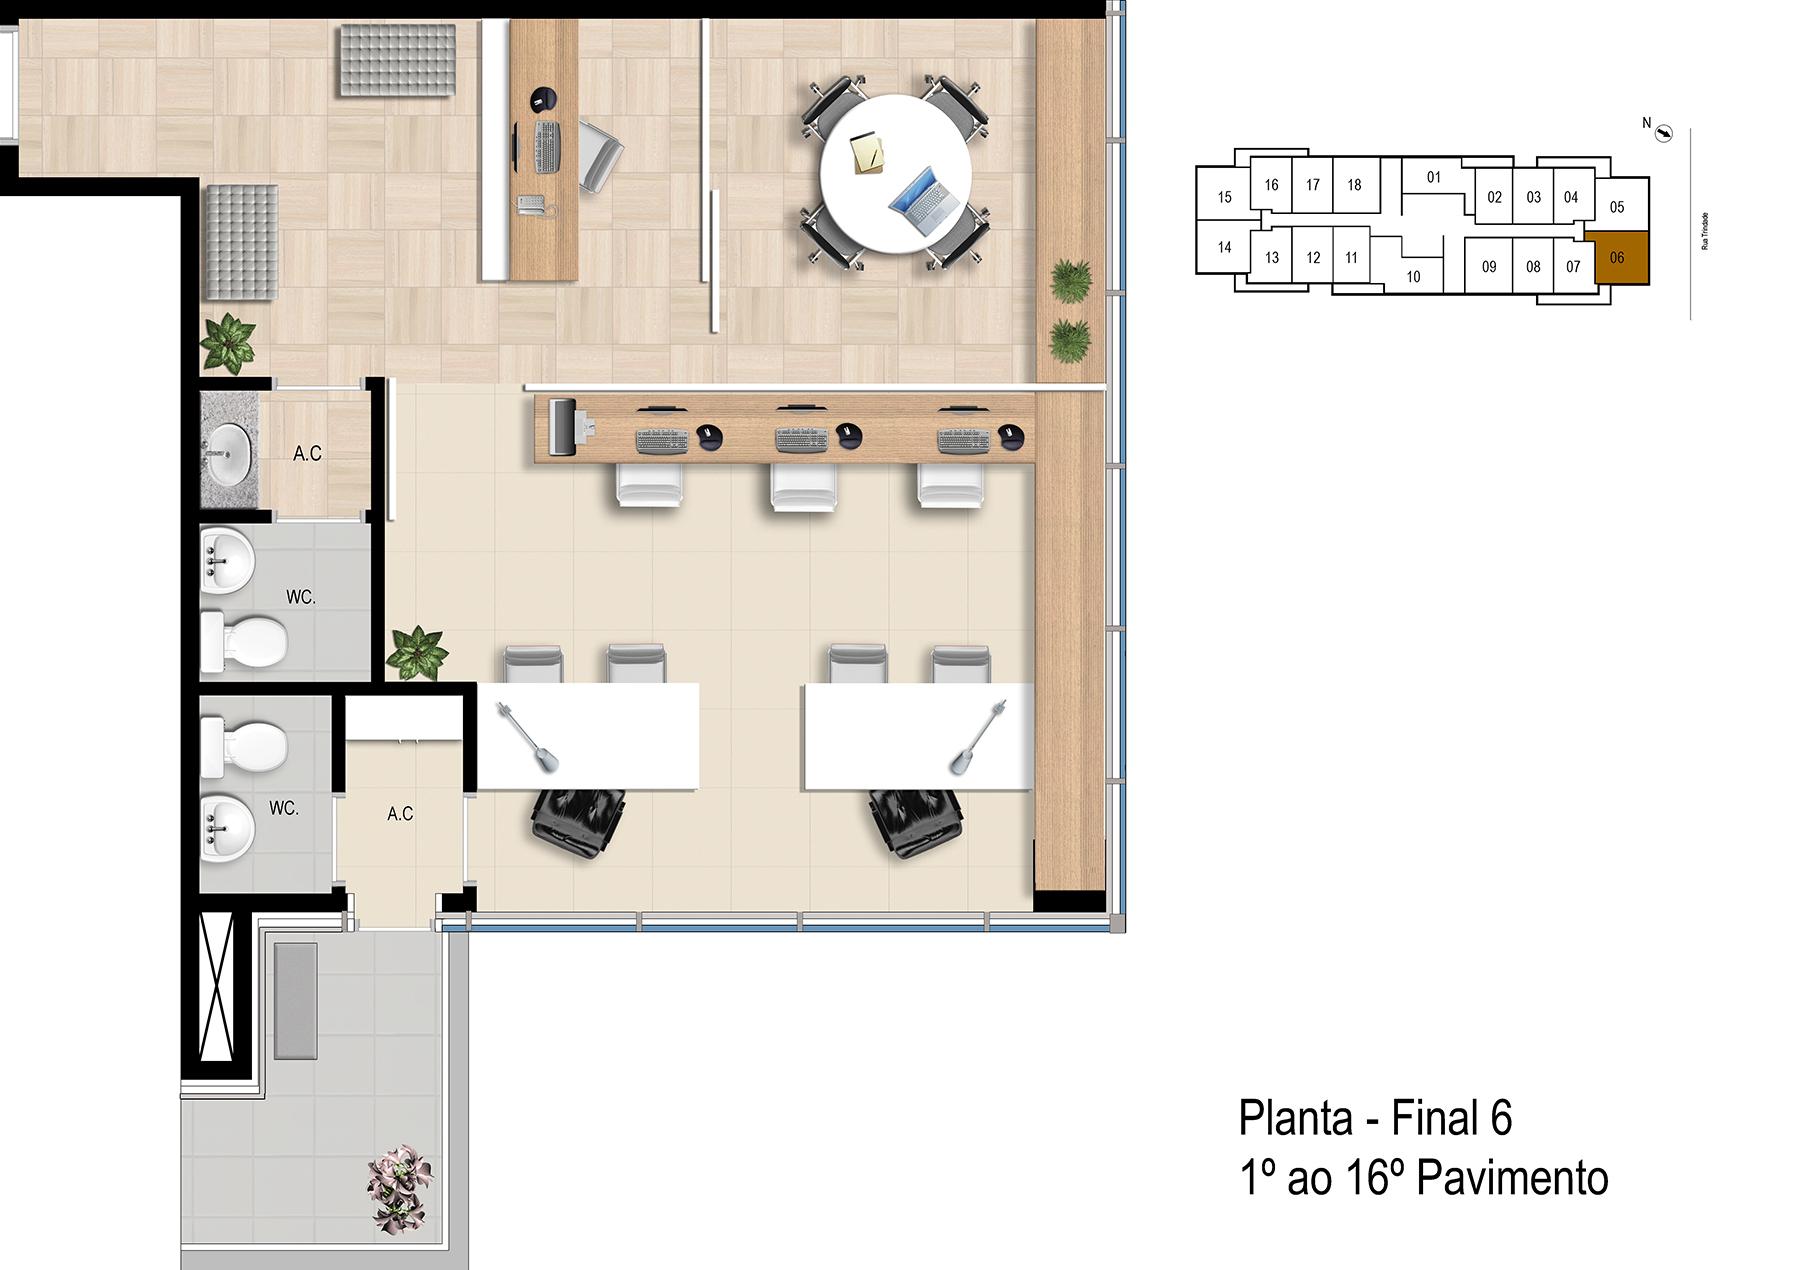 Final 6 - 1° ao 16° Pavimento Office Bethaville